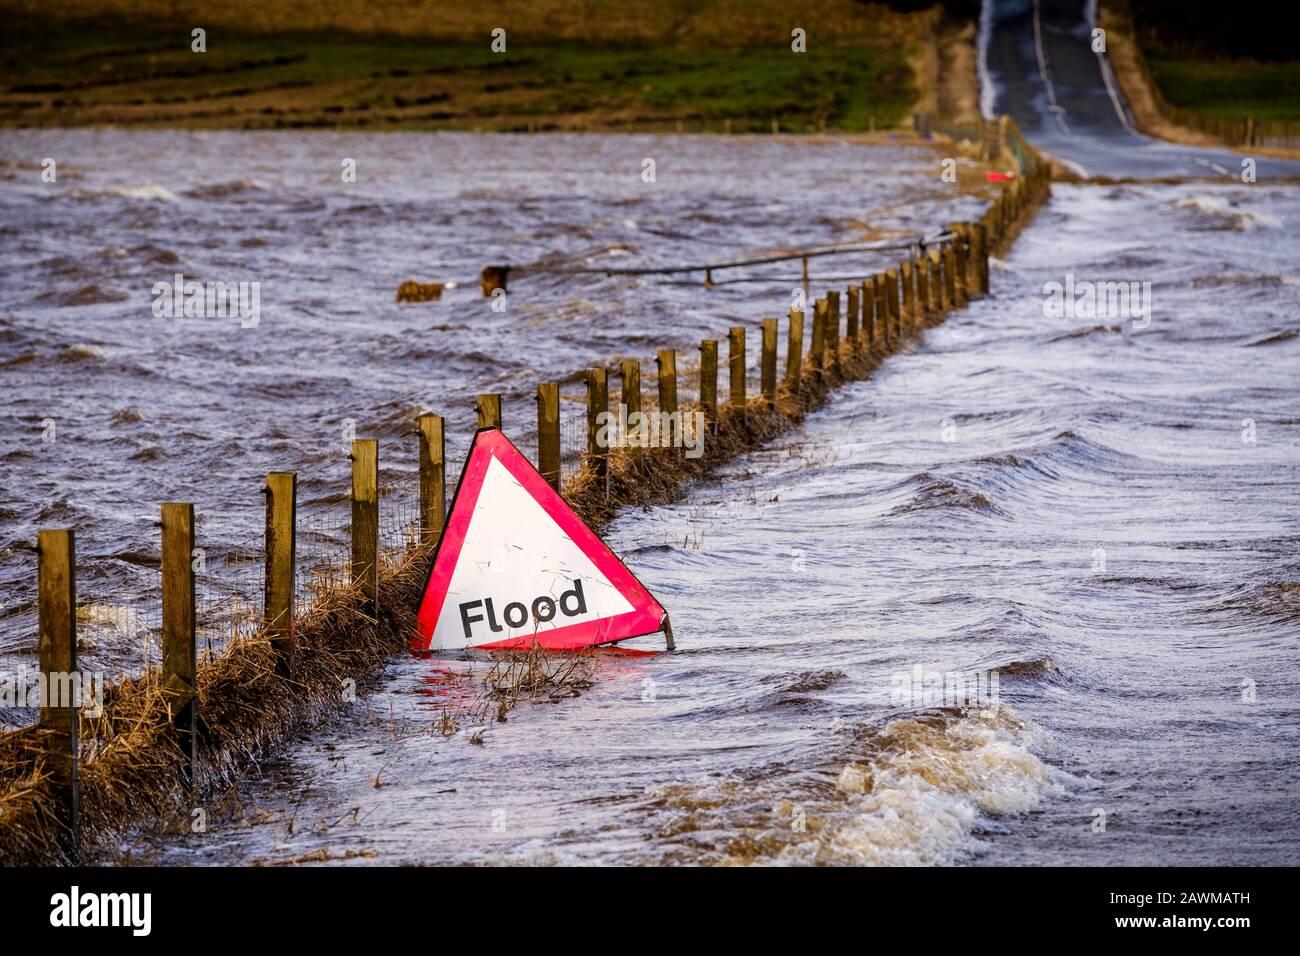 La tormenta Ciara hace que el río Medwin (afluente del río Clyde) estalle sus orillas en el sur de Lanarkshire, Escocia causando grandes inundaciones . Foto de stock